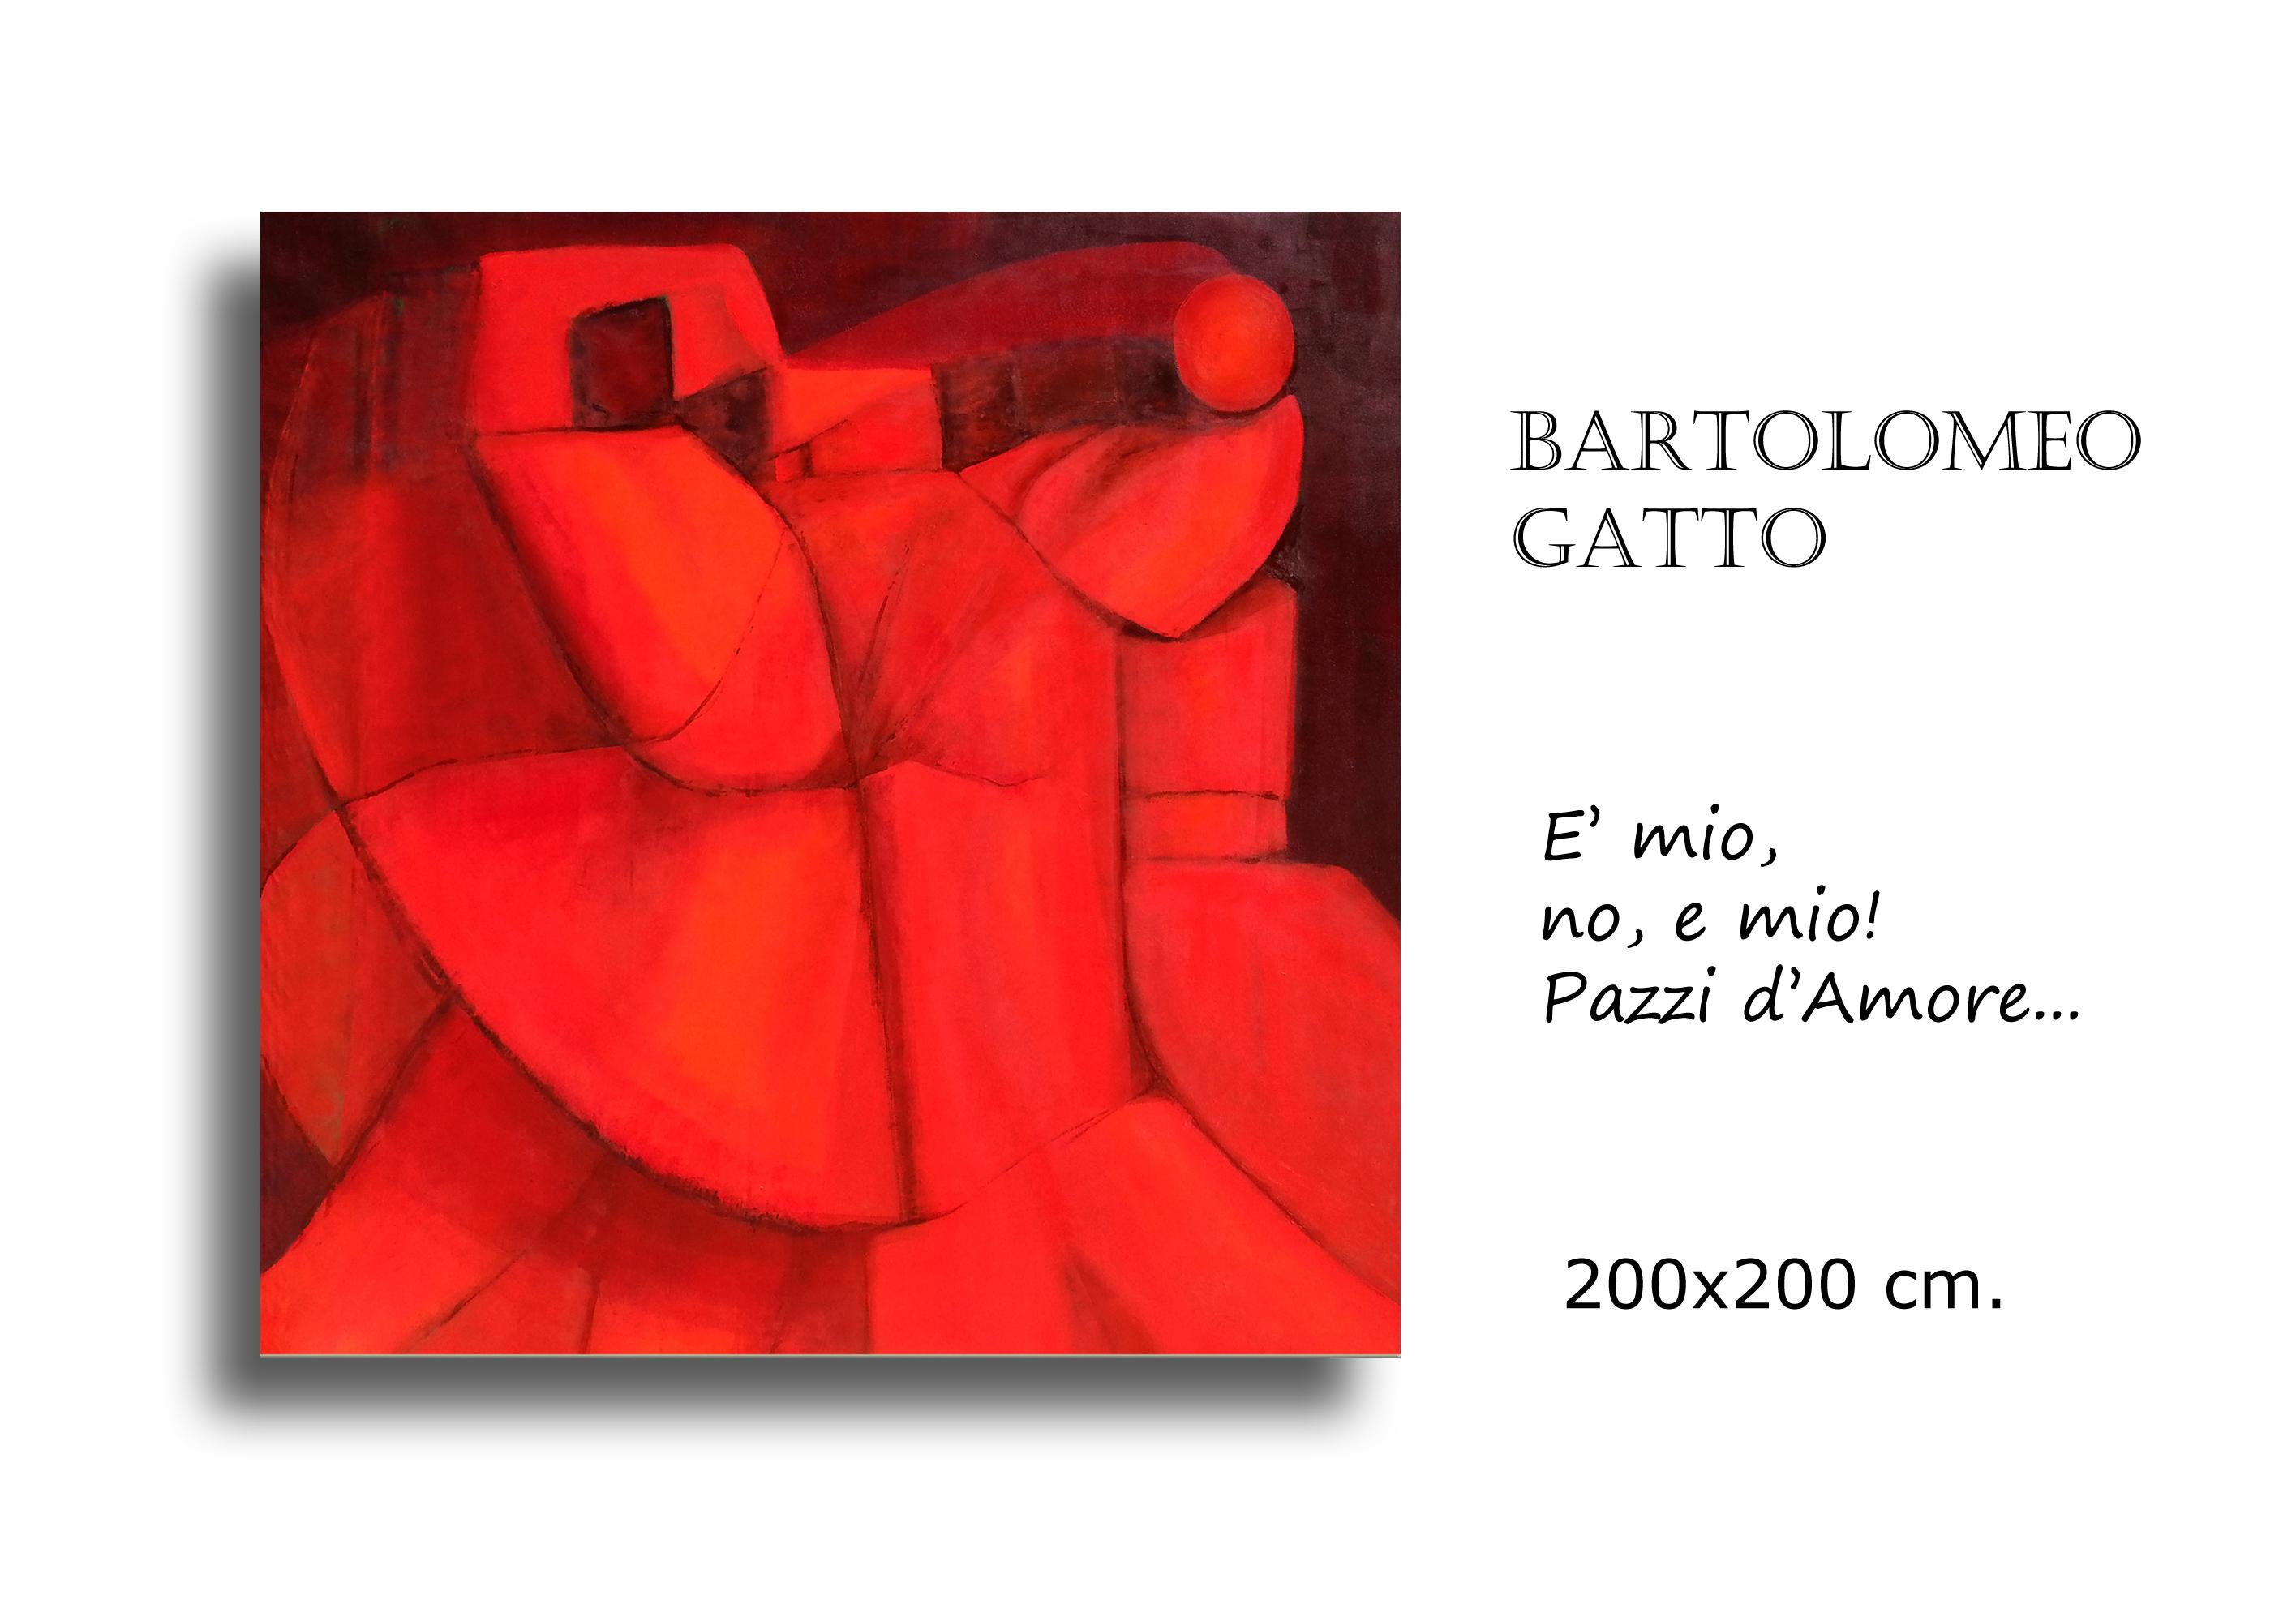 Gatto Bartolomeo